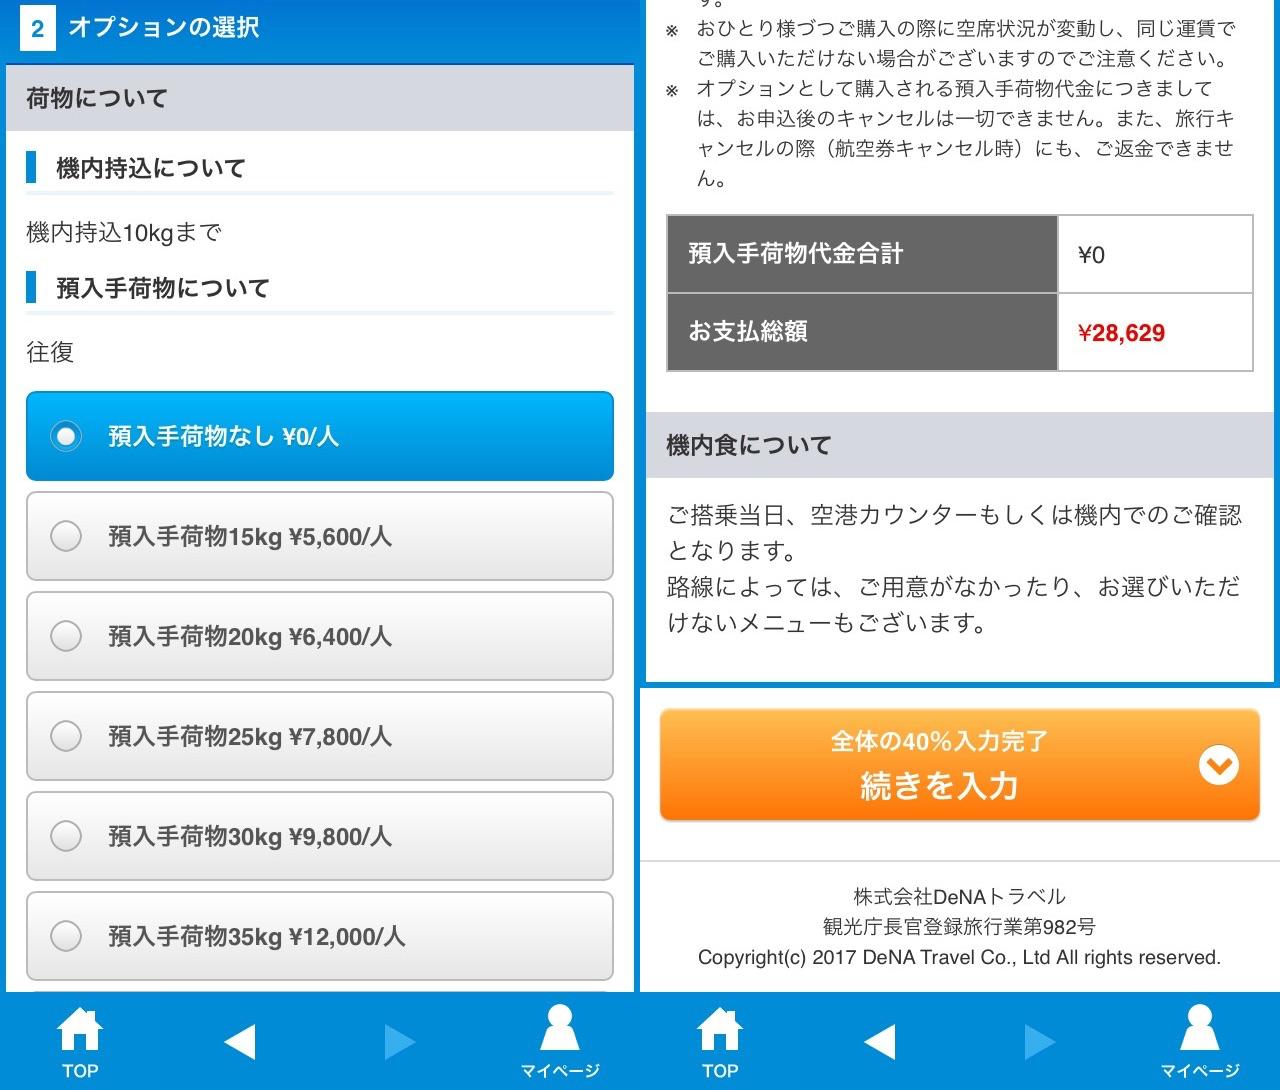 DeNAトラベルアプリの海外航空券で手荷物情報を入力